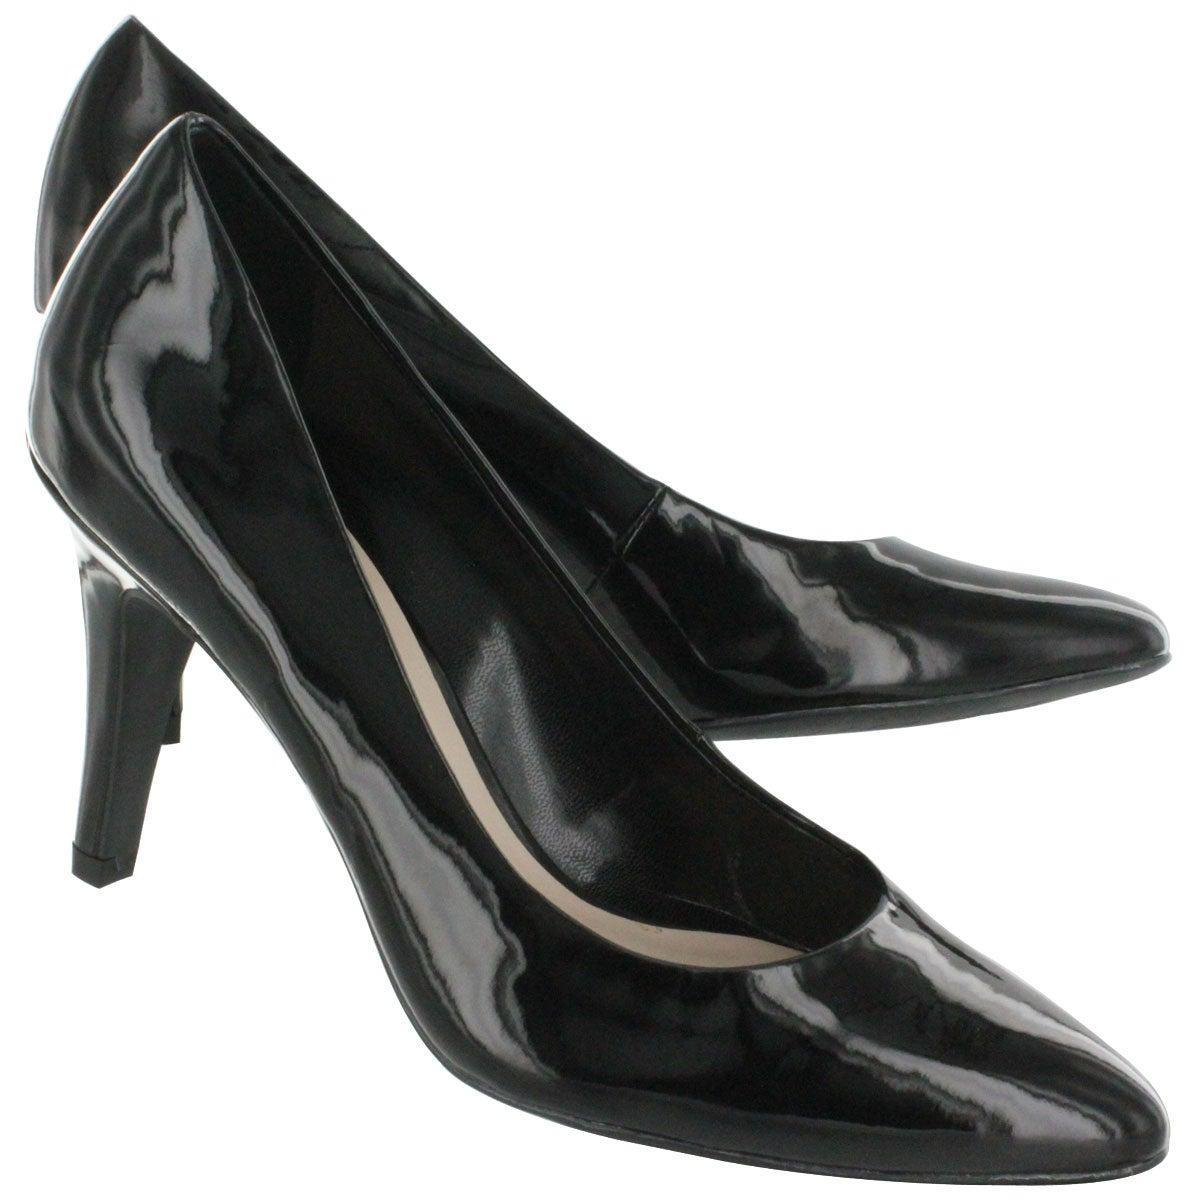 Lds Howie black patent dress pump